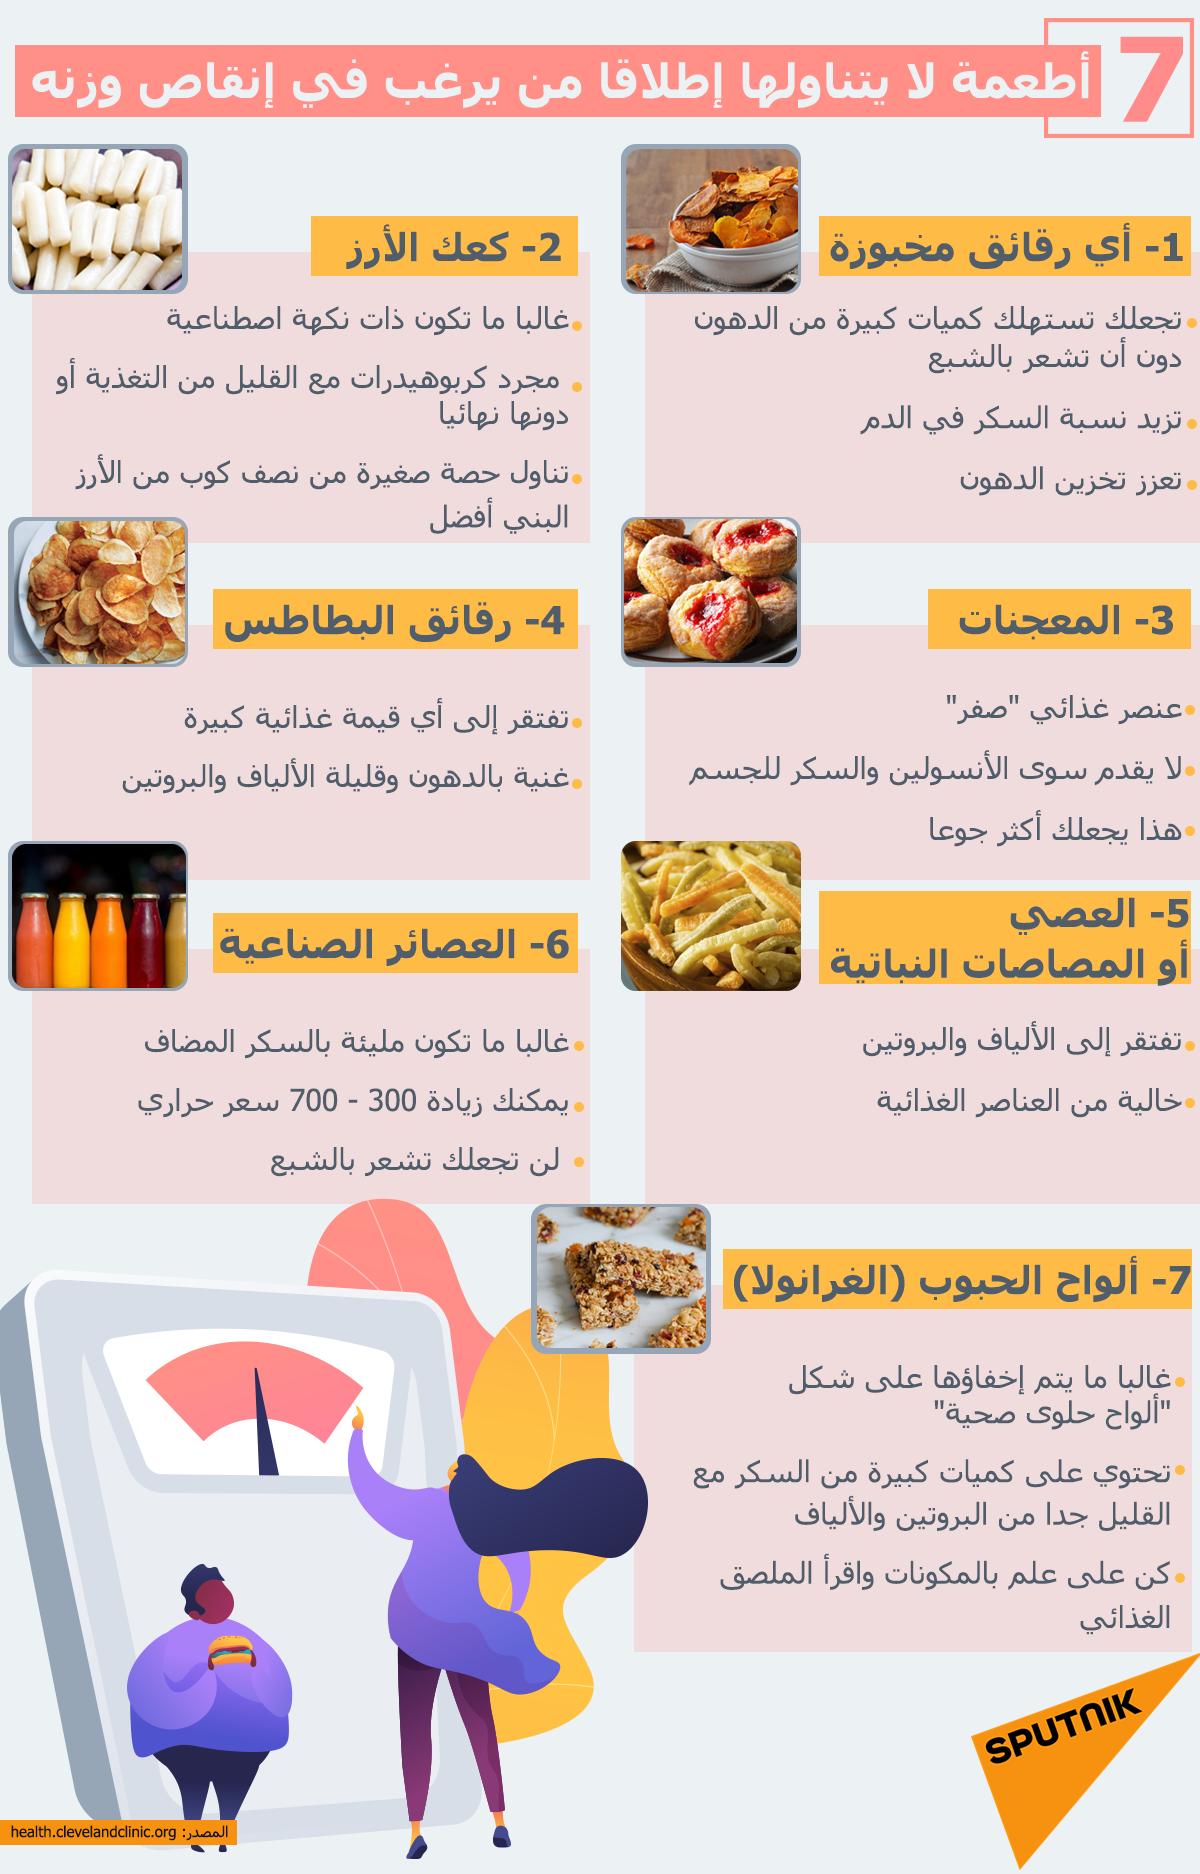 7 أطعمة لا يتناولها إطلاقا من يرغب في إنقاص وزنه